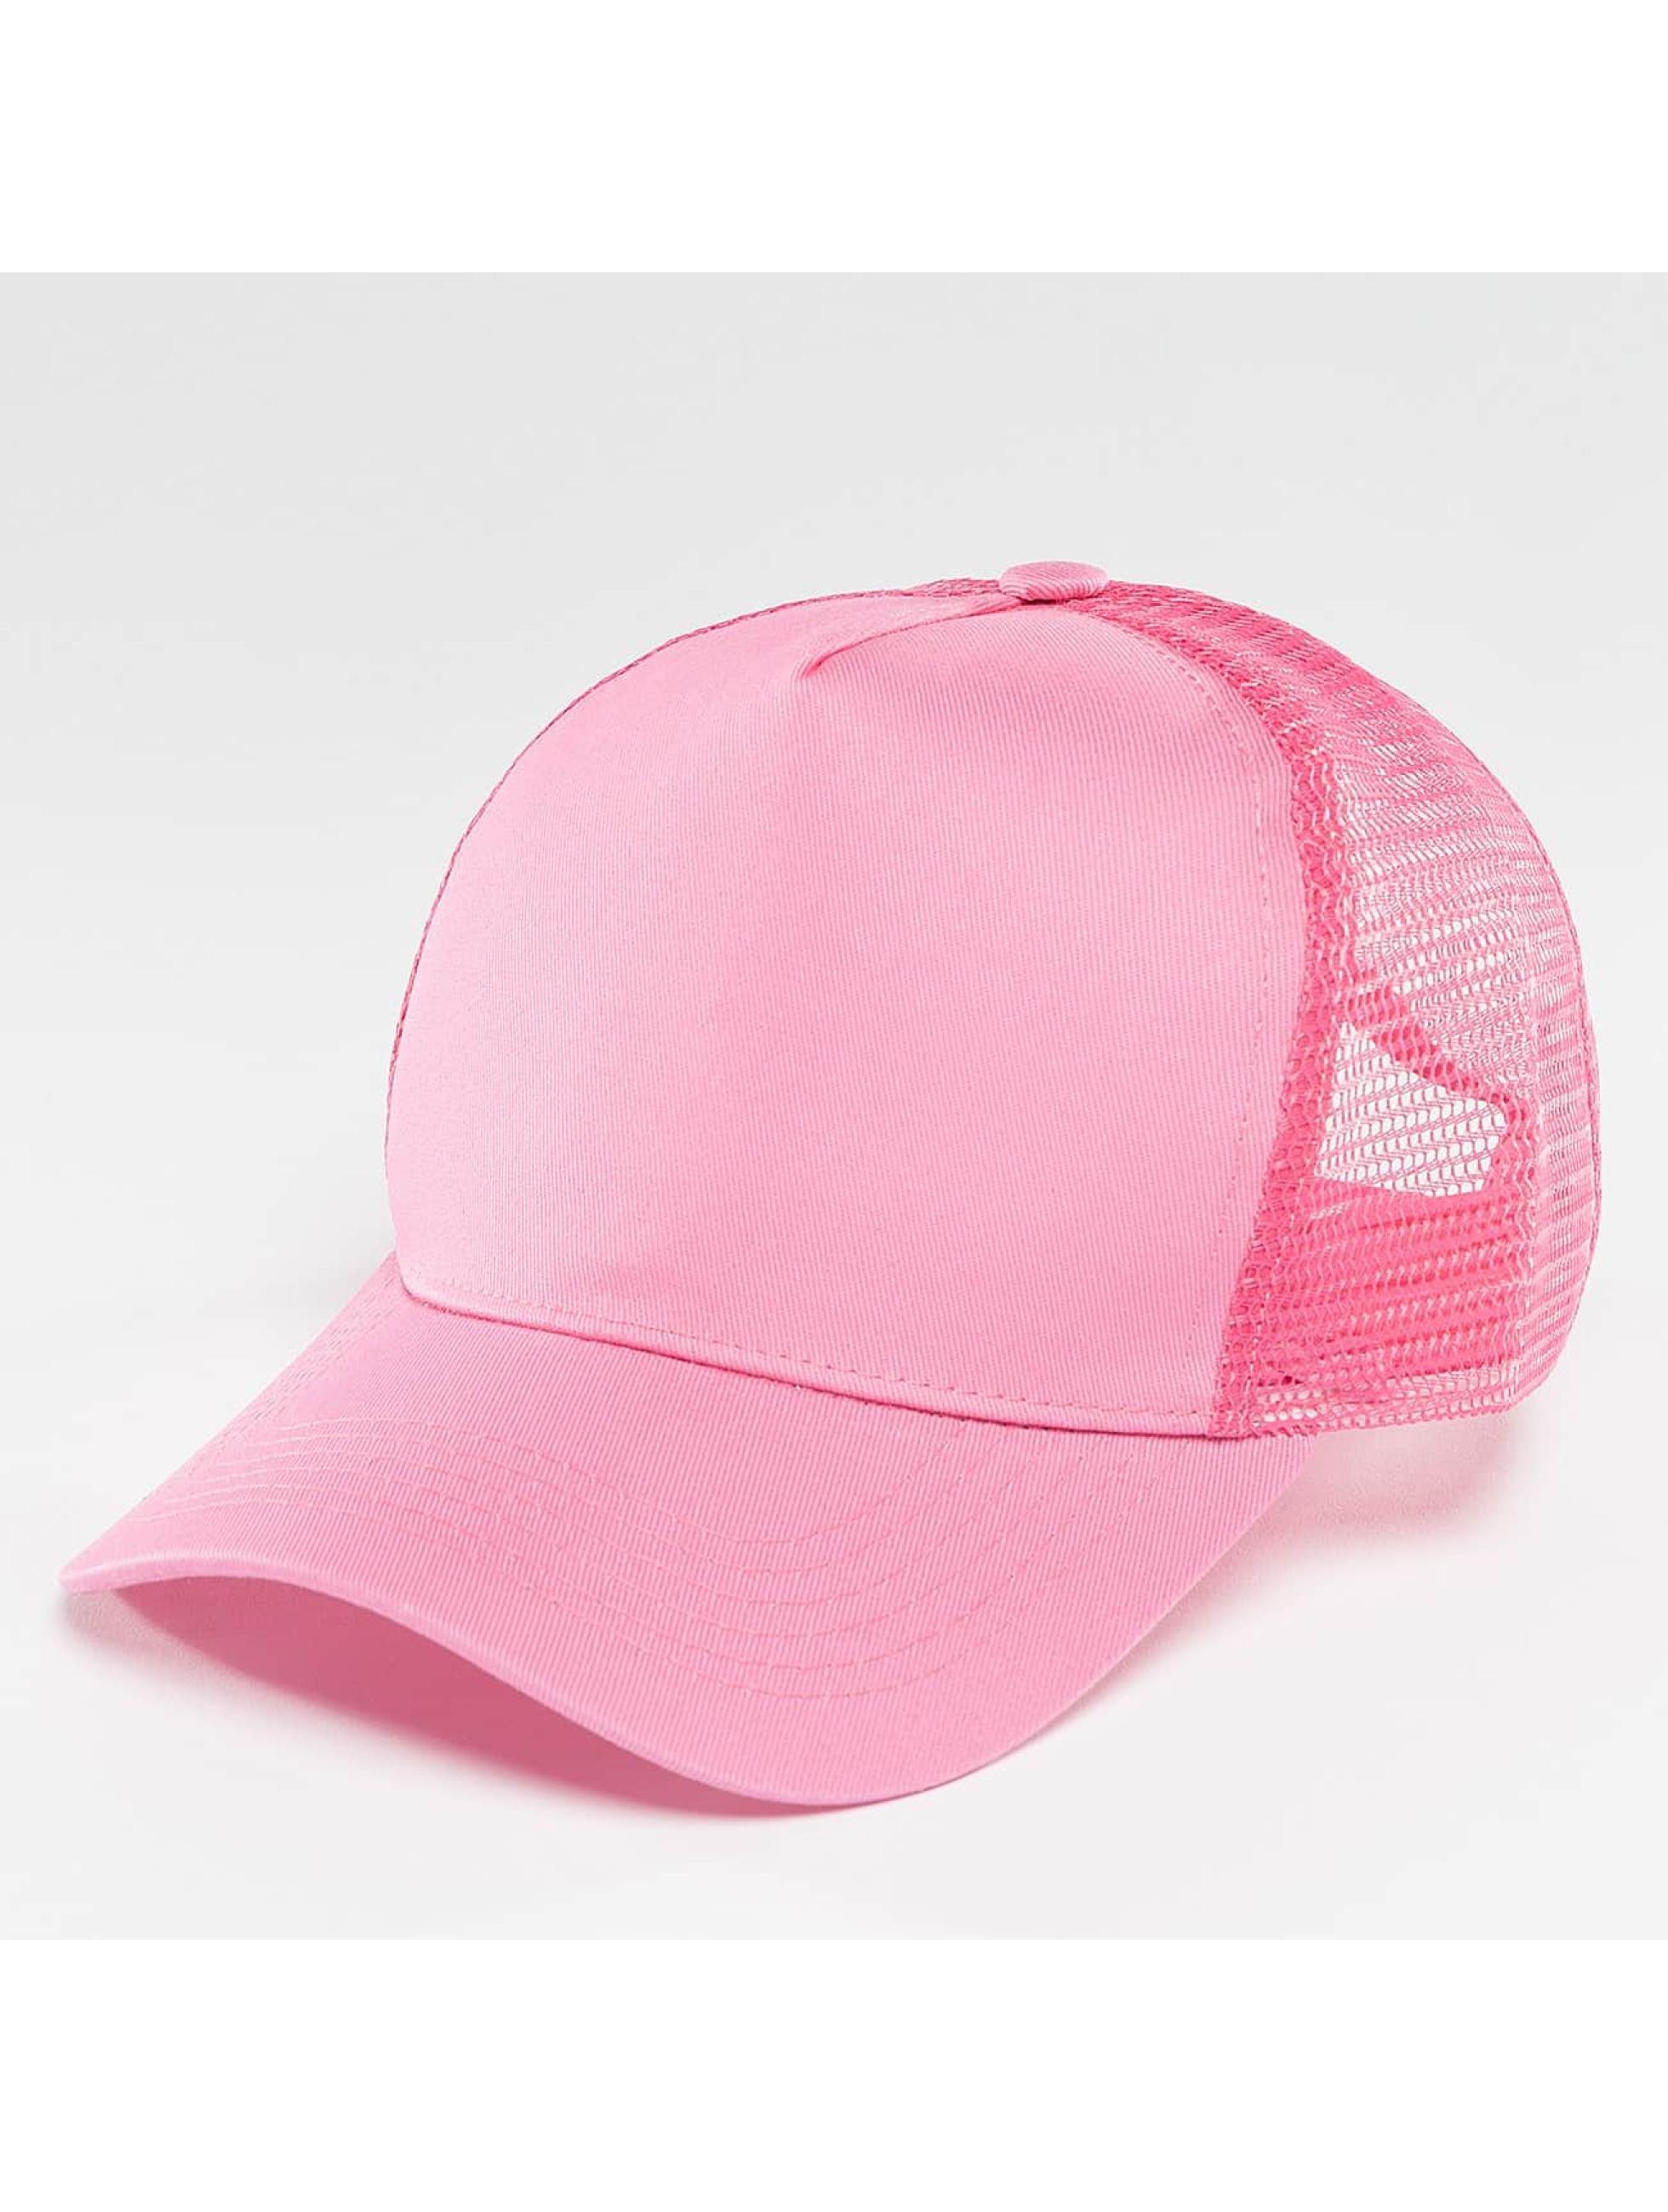 TrueSpin / Trucker Cap Blank in pink